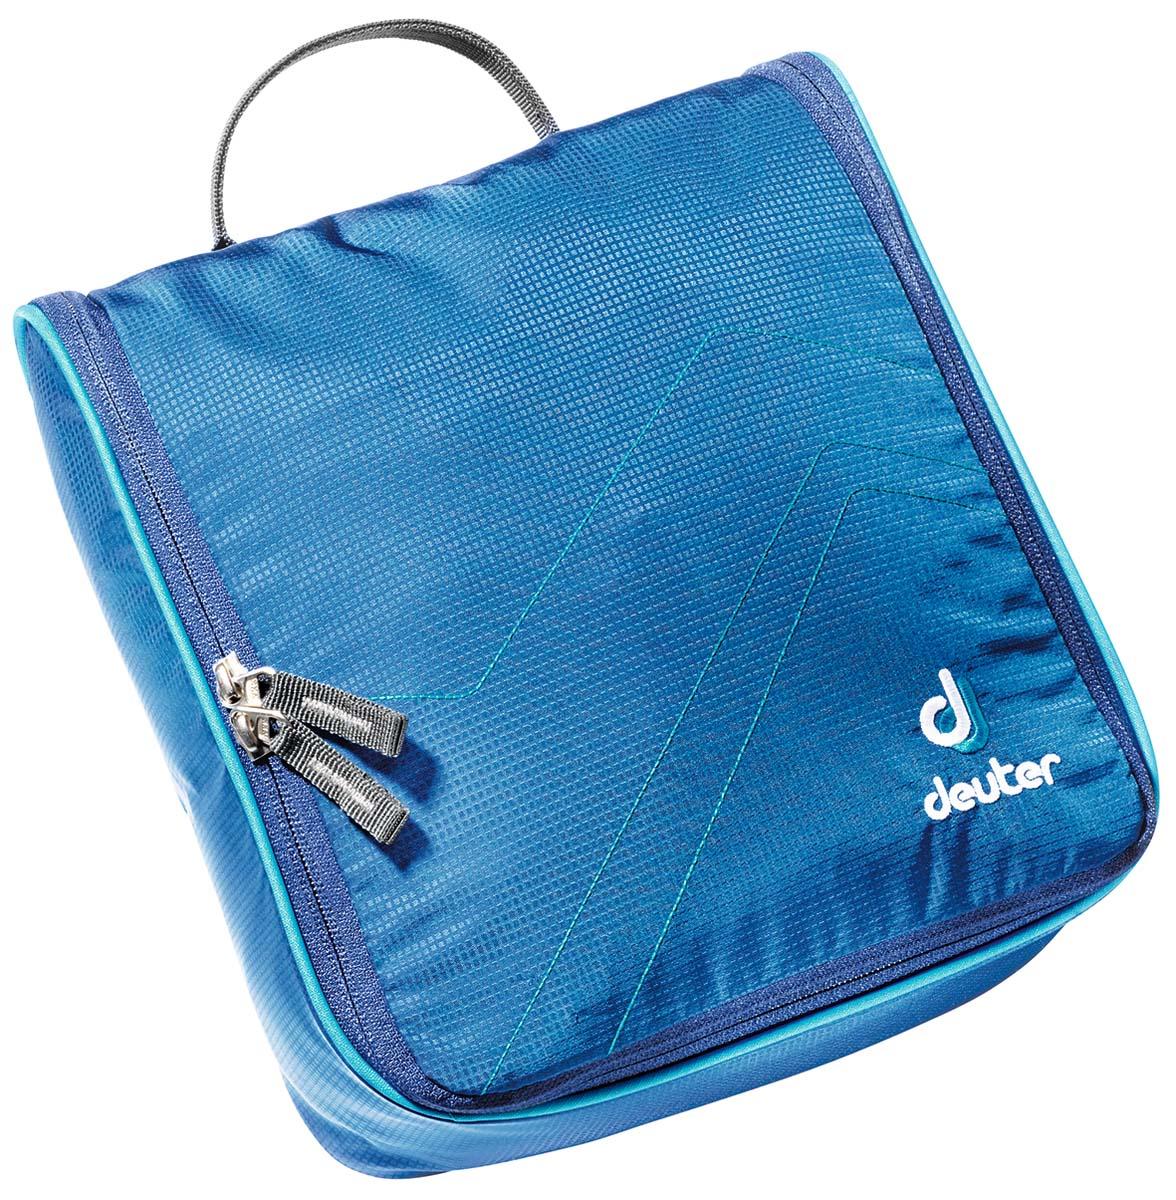 Косметичка Deuter Accessories Wash Center II, цвет: светло-голубой, бирюзовый, 25 см х 24 см х 9 см39464_3306Дорожная косметичка Deuter Accessories Wash Center II , выполненная из полиамида и полиэстера, незаменима в путешествиях и командировках. Косметичка содержит большое центральное отделение с тремя сетчатыми карманами, два кармана на молнии, сетчатый карман на молнии, а также съемное внутреннее отделение с дополнительным крючком. Застегивается на молнию с двойным бегунком по всему периметру. Изделие снабжено текстильной петлей для подвешивания.Стильная дорожная косметичка станет практичным аксессуаром, который идеально дополнит ваш образ.